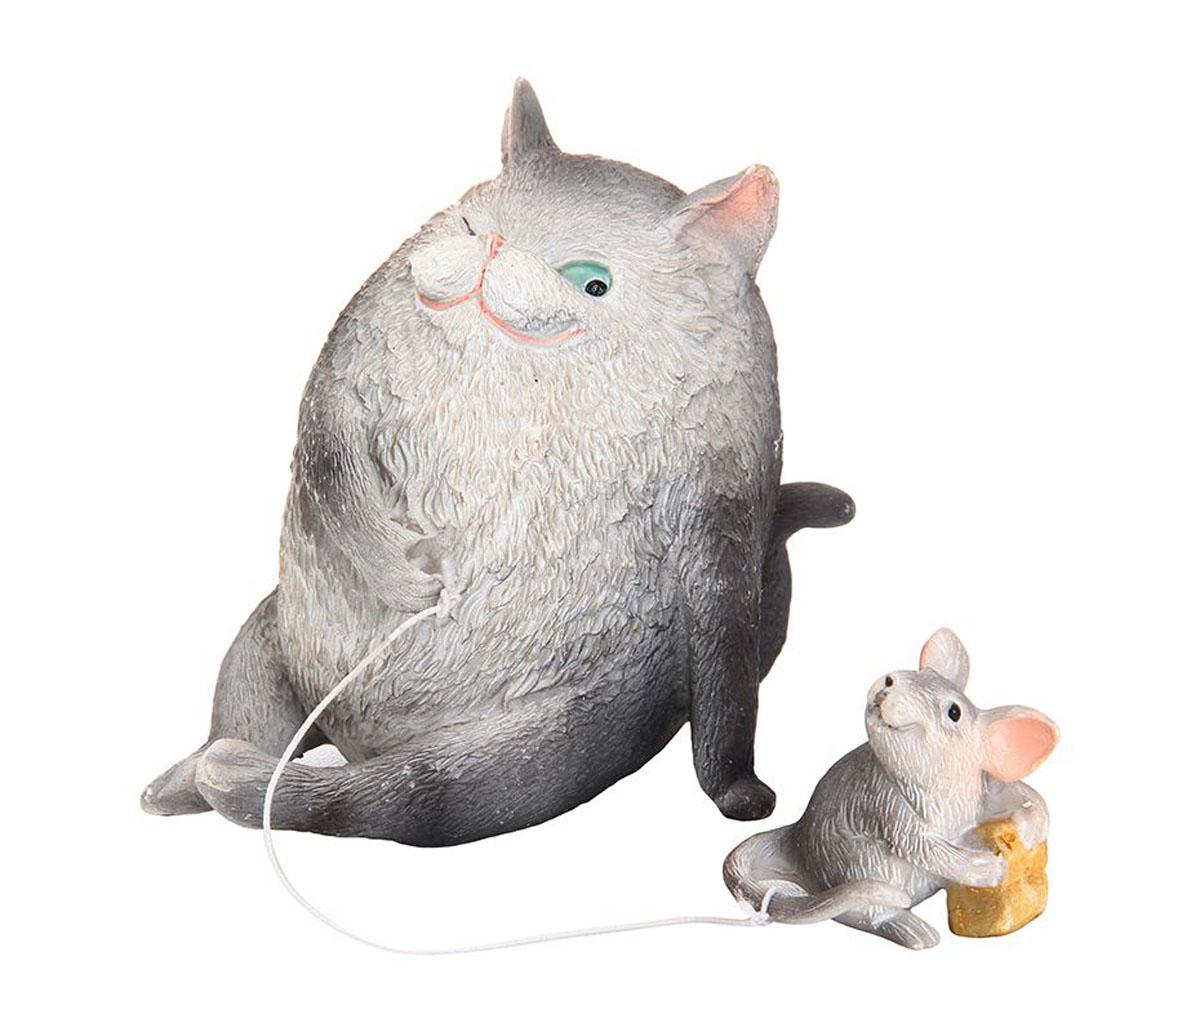 Фигурка декоративная Elan Gallery Кошки-мышки, высота 8 смUP210DFДекоративная фигурка Elan Gallery Кошки-мышки, изготовленная из полистоуна, станет необычным аксессуаром для вашего интерьера. Эта очаровательная вещица станет отличным подарком вашим друзьям и близким.Размер фигурки: 6 х 8 х 8 см.